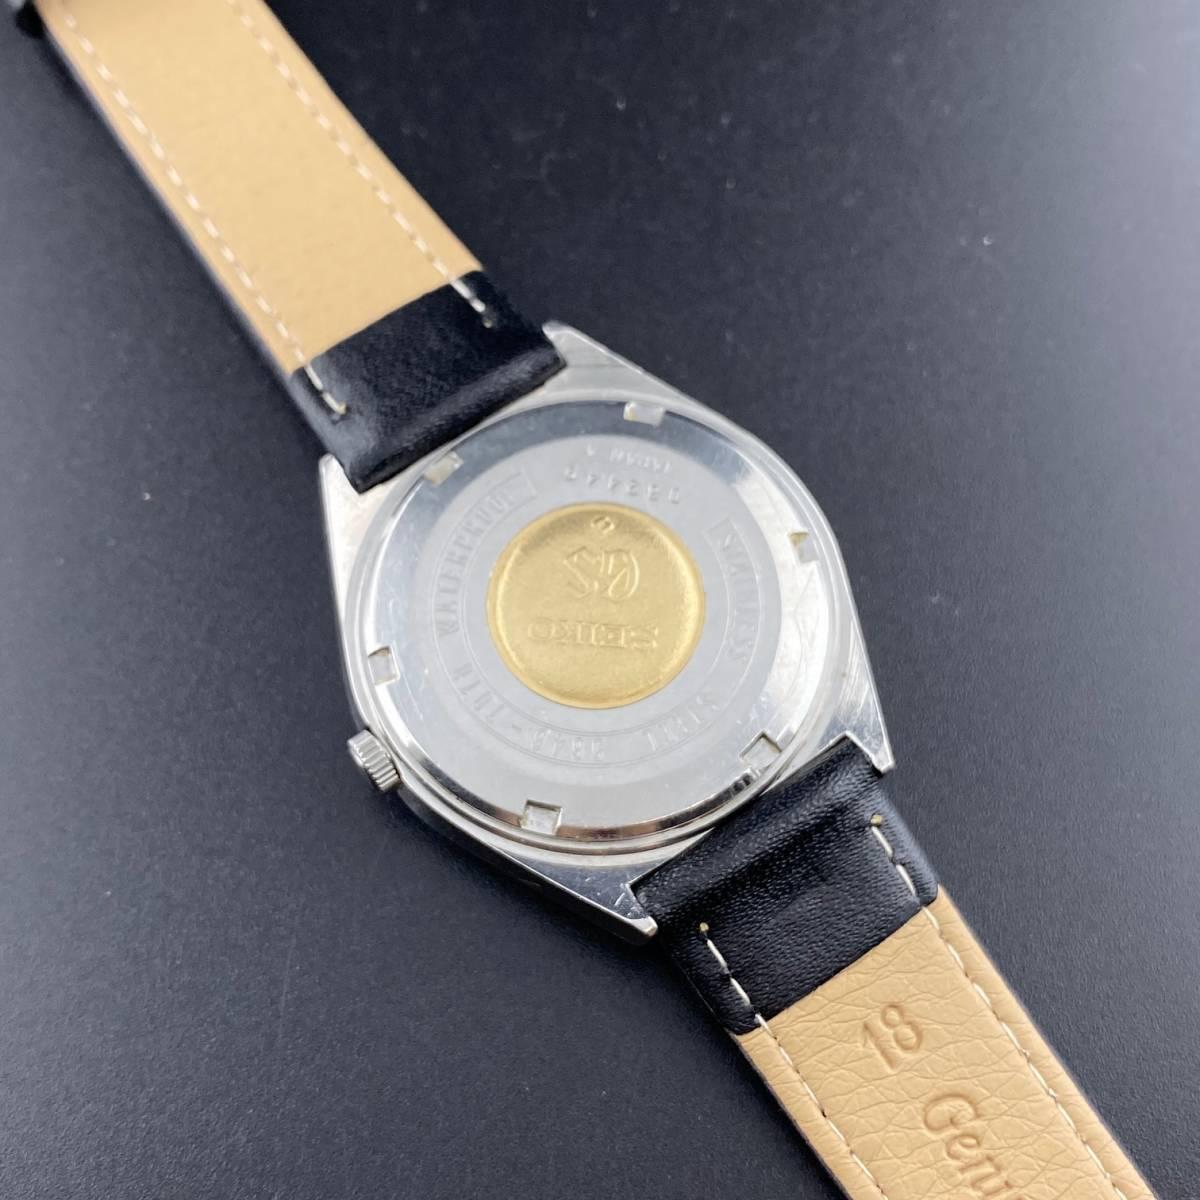 【1円~】GRAND SEIKO グランドセイコー 腕時計 メンズ 自動巻 HI-BEAT ハイビート デイデイト 可動品_画像4